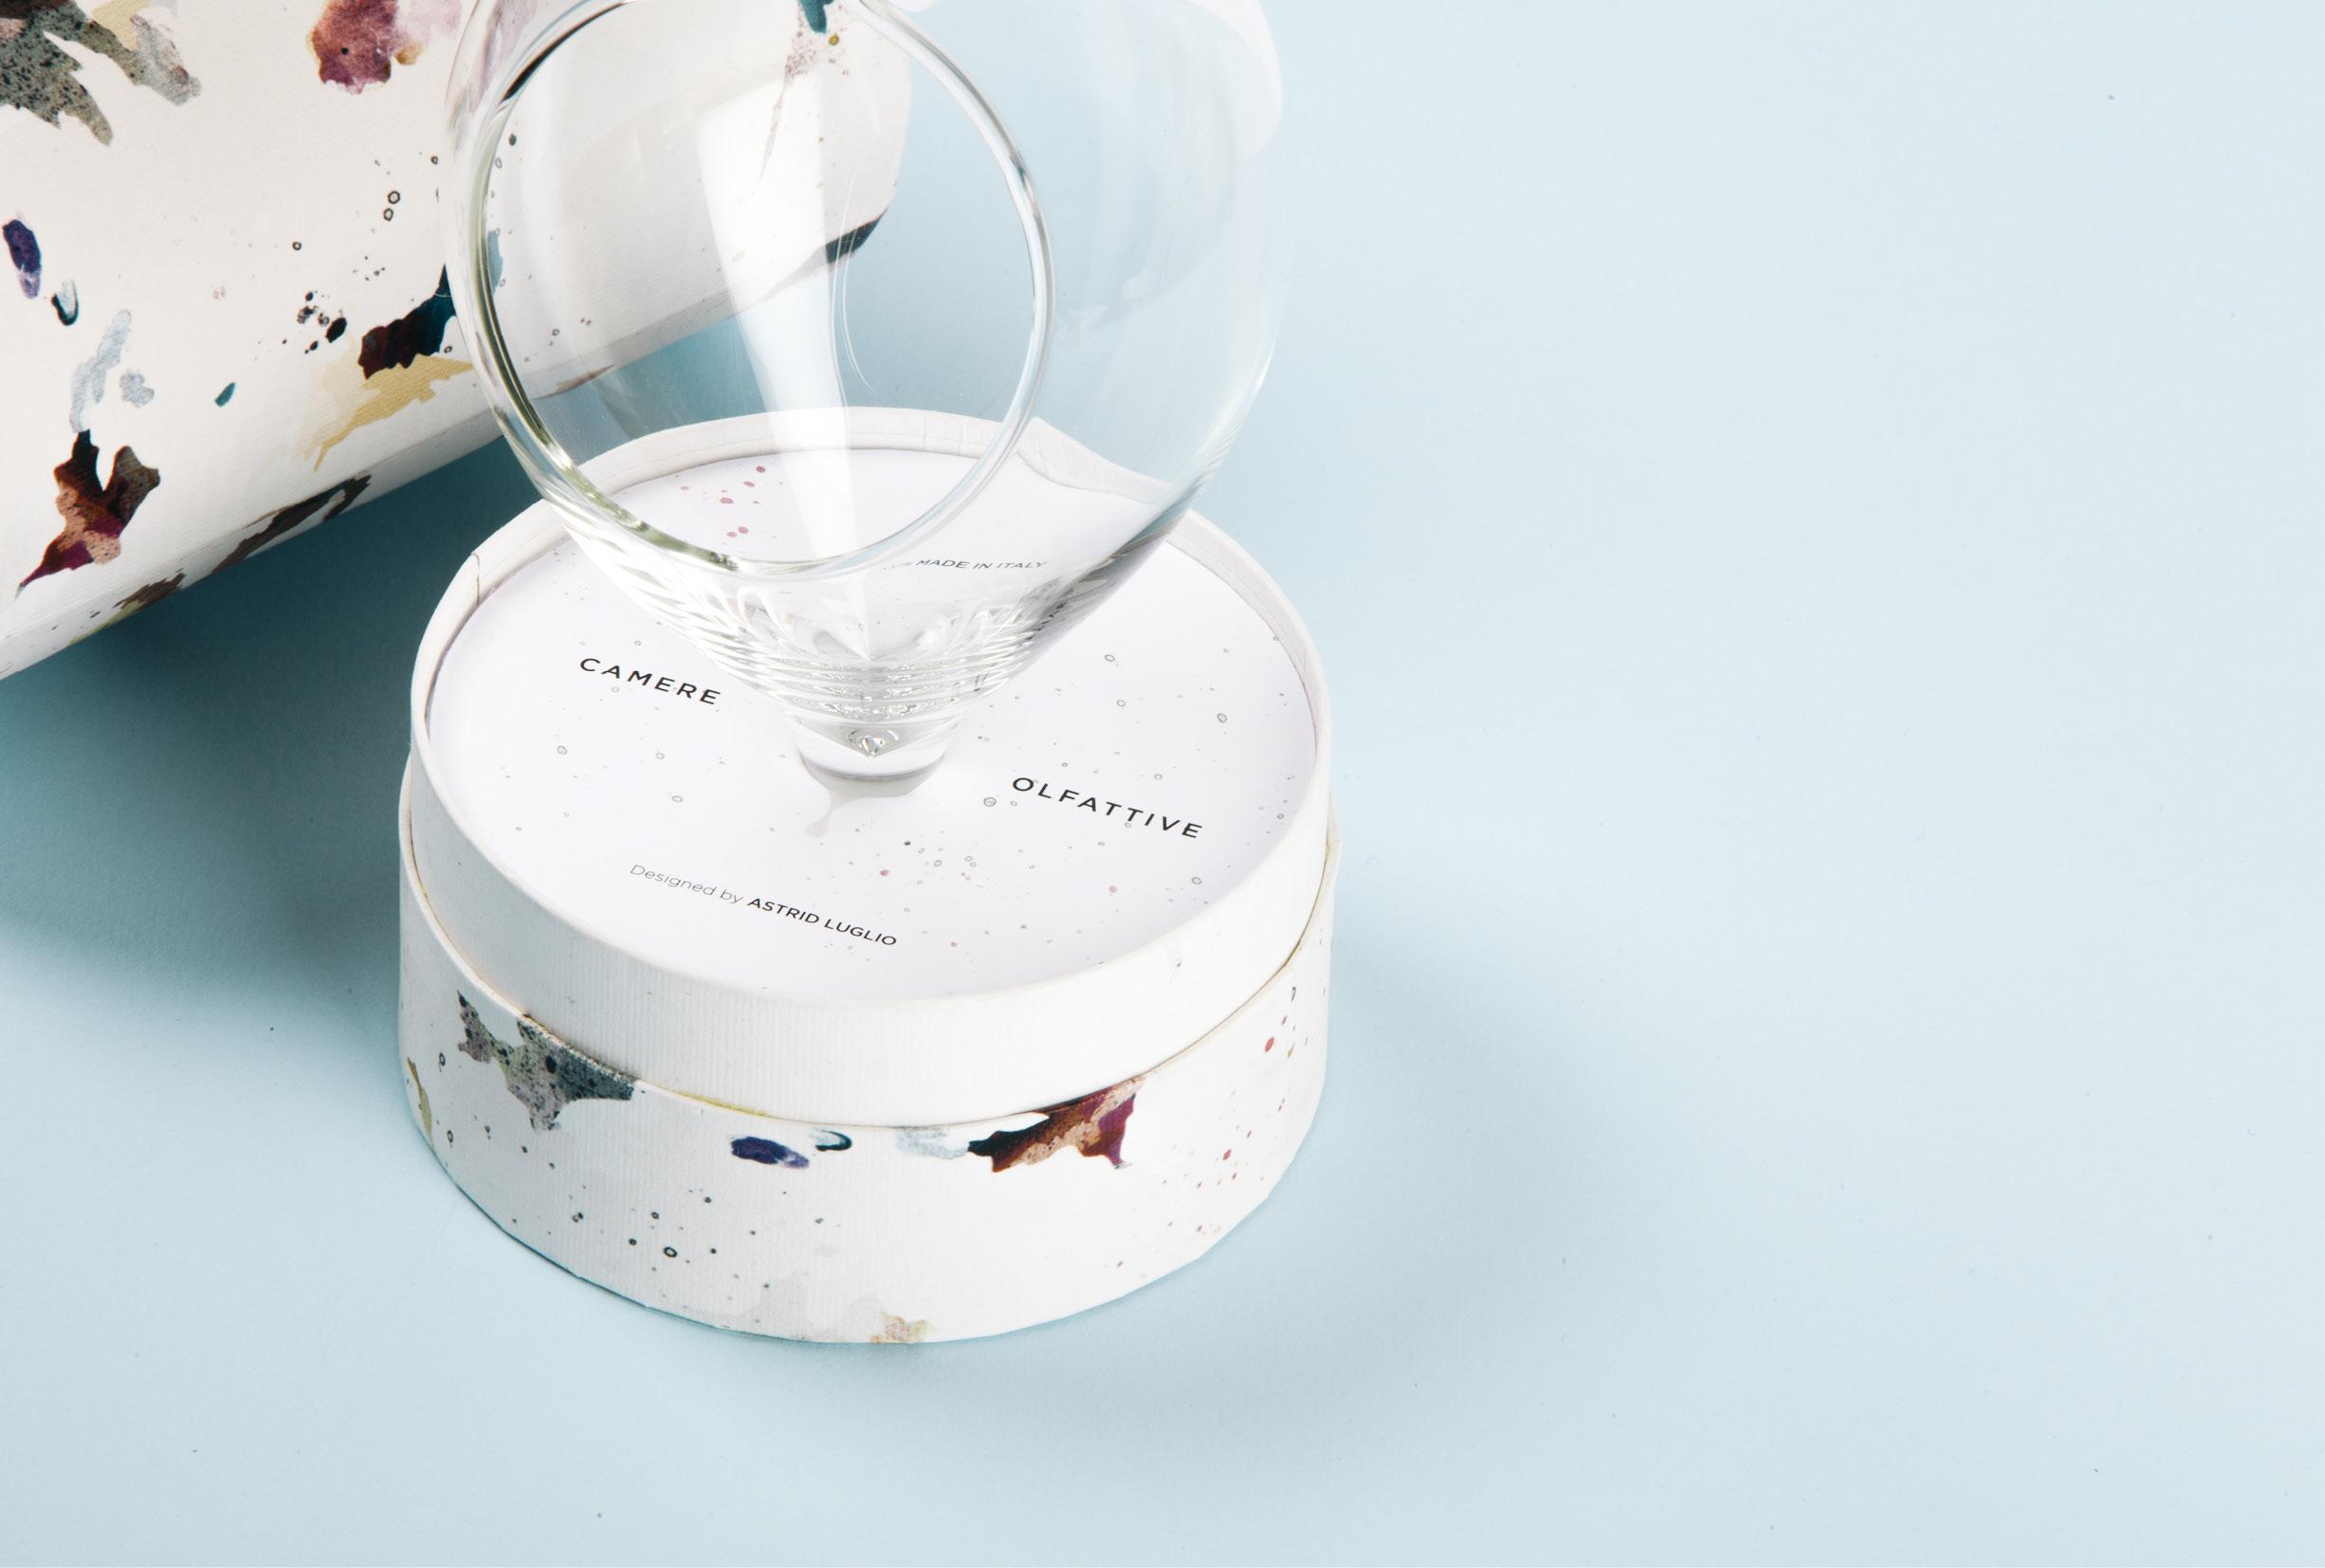 Packaging Camere Olfattive-包装可以识别一些香味醋,雾化油,酒和威士忌污渍---酷图编号1199405